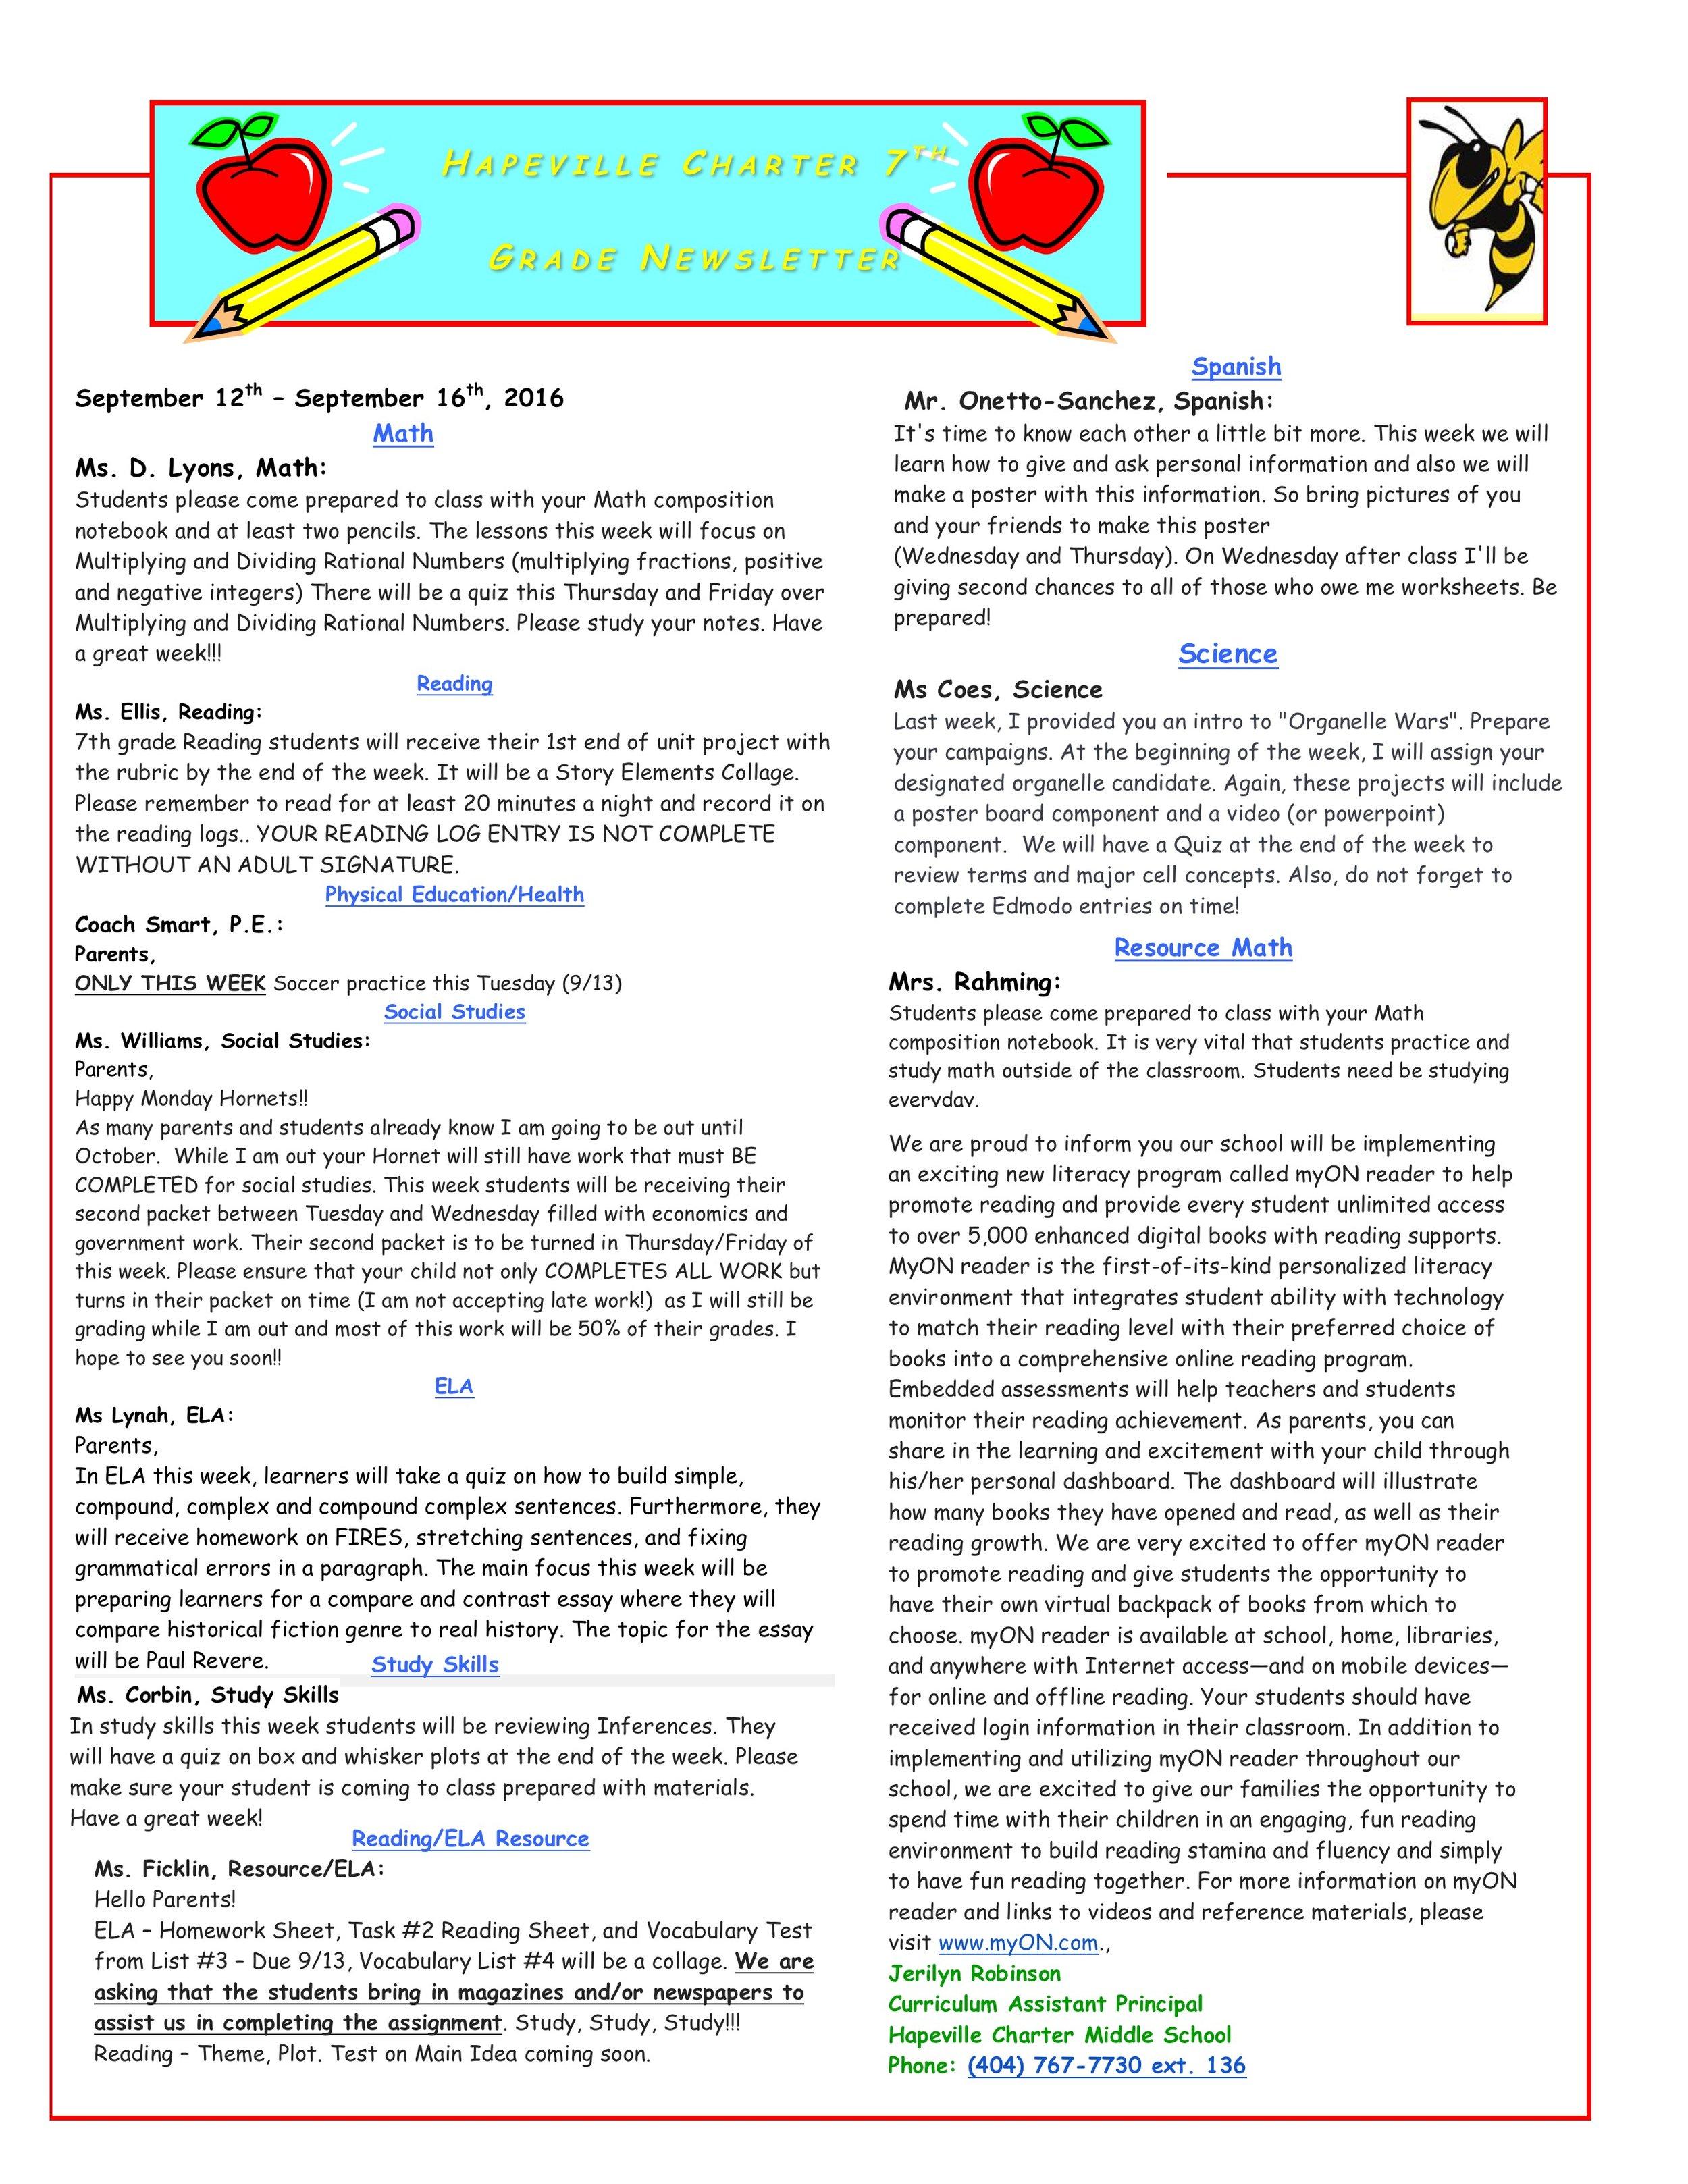 Newsletter Image7th Grade Newsletter 9-12.jpeg